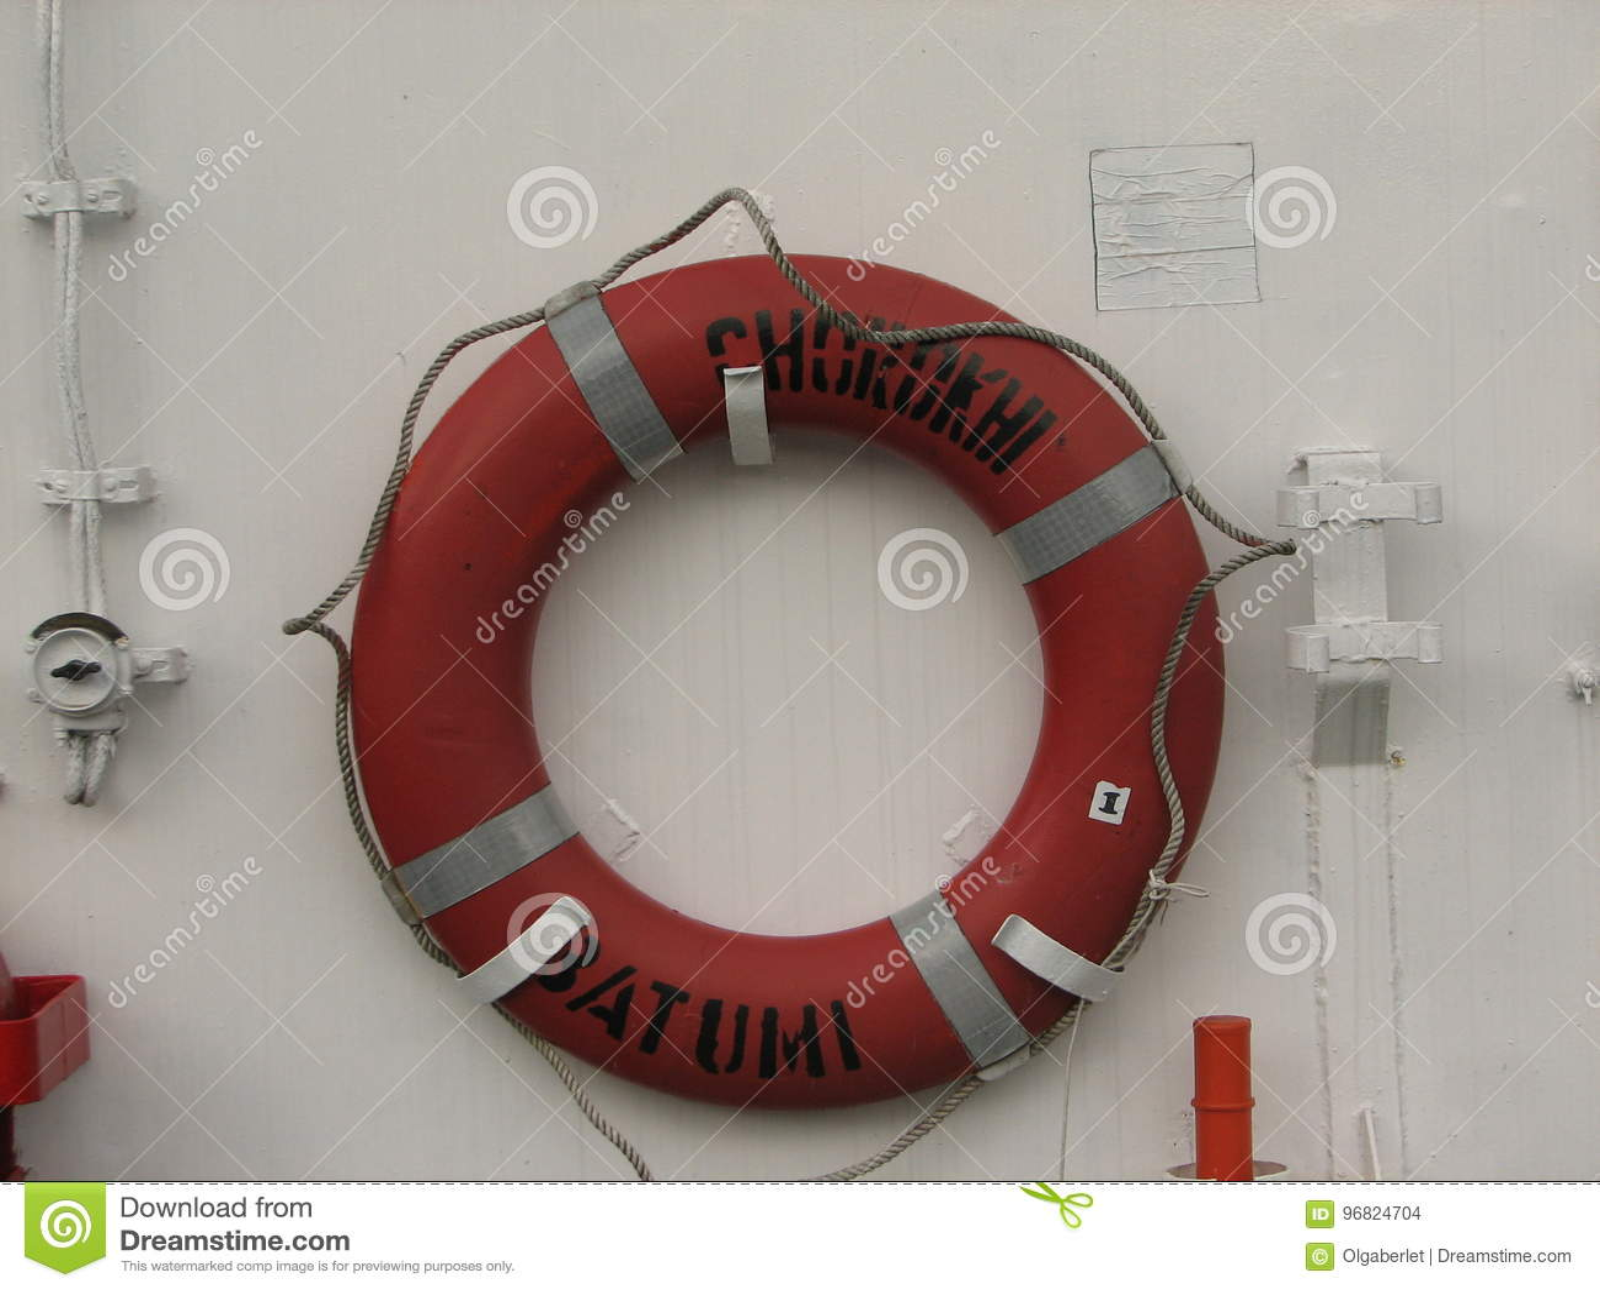 Ringlebenbojen auf weißem Boot